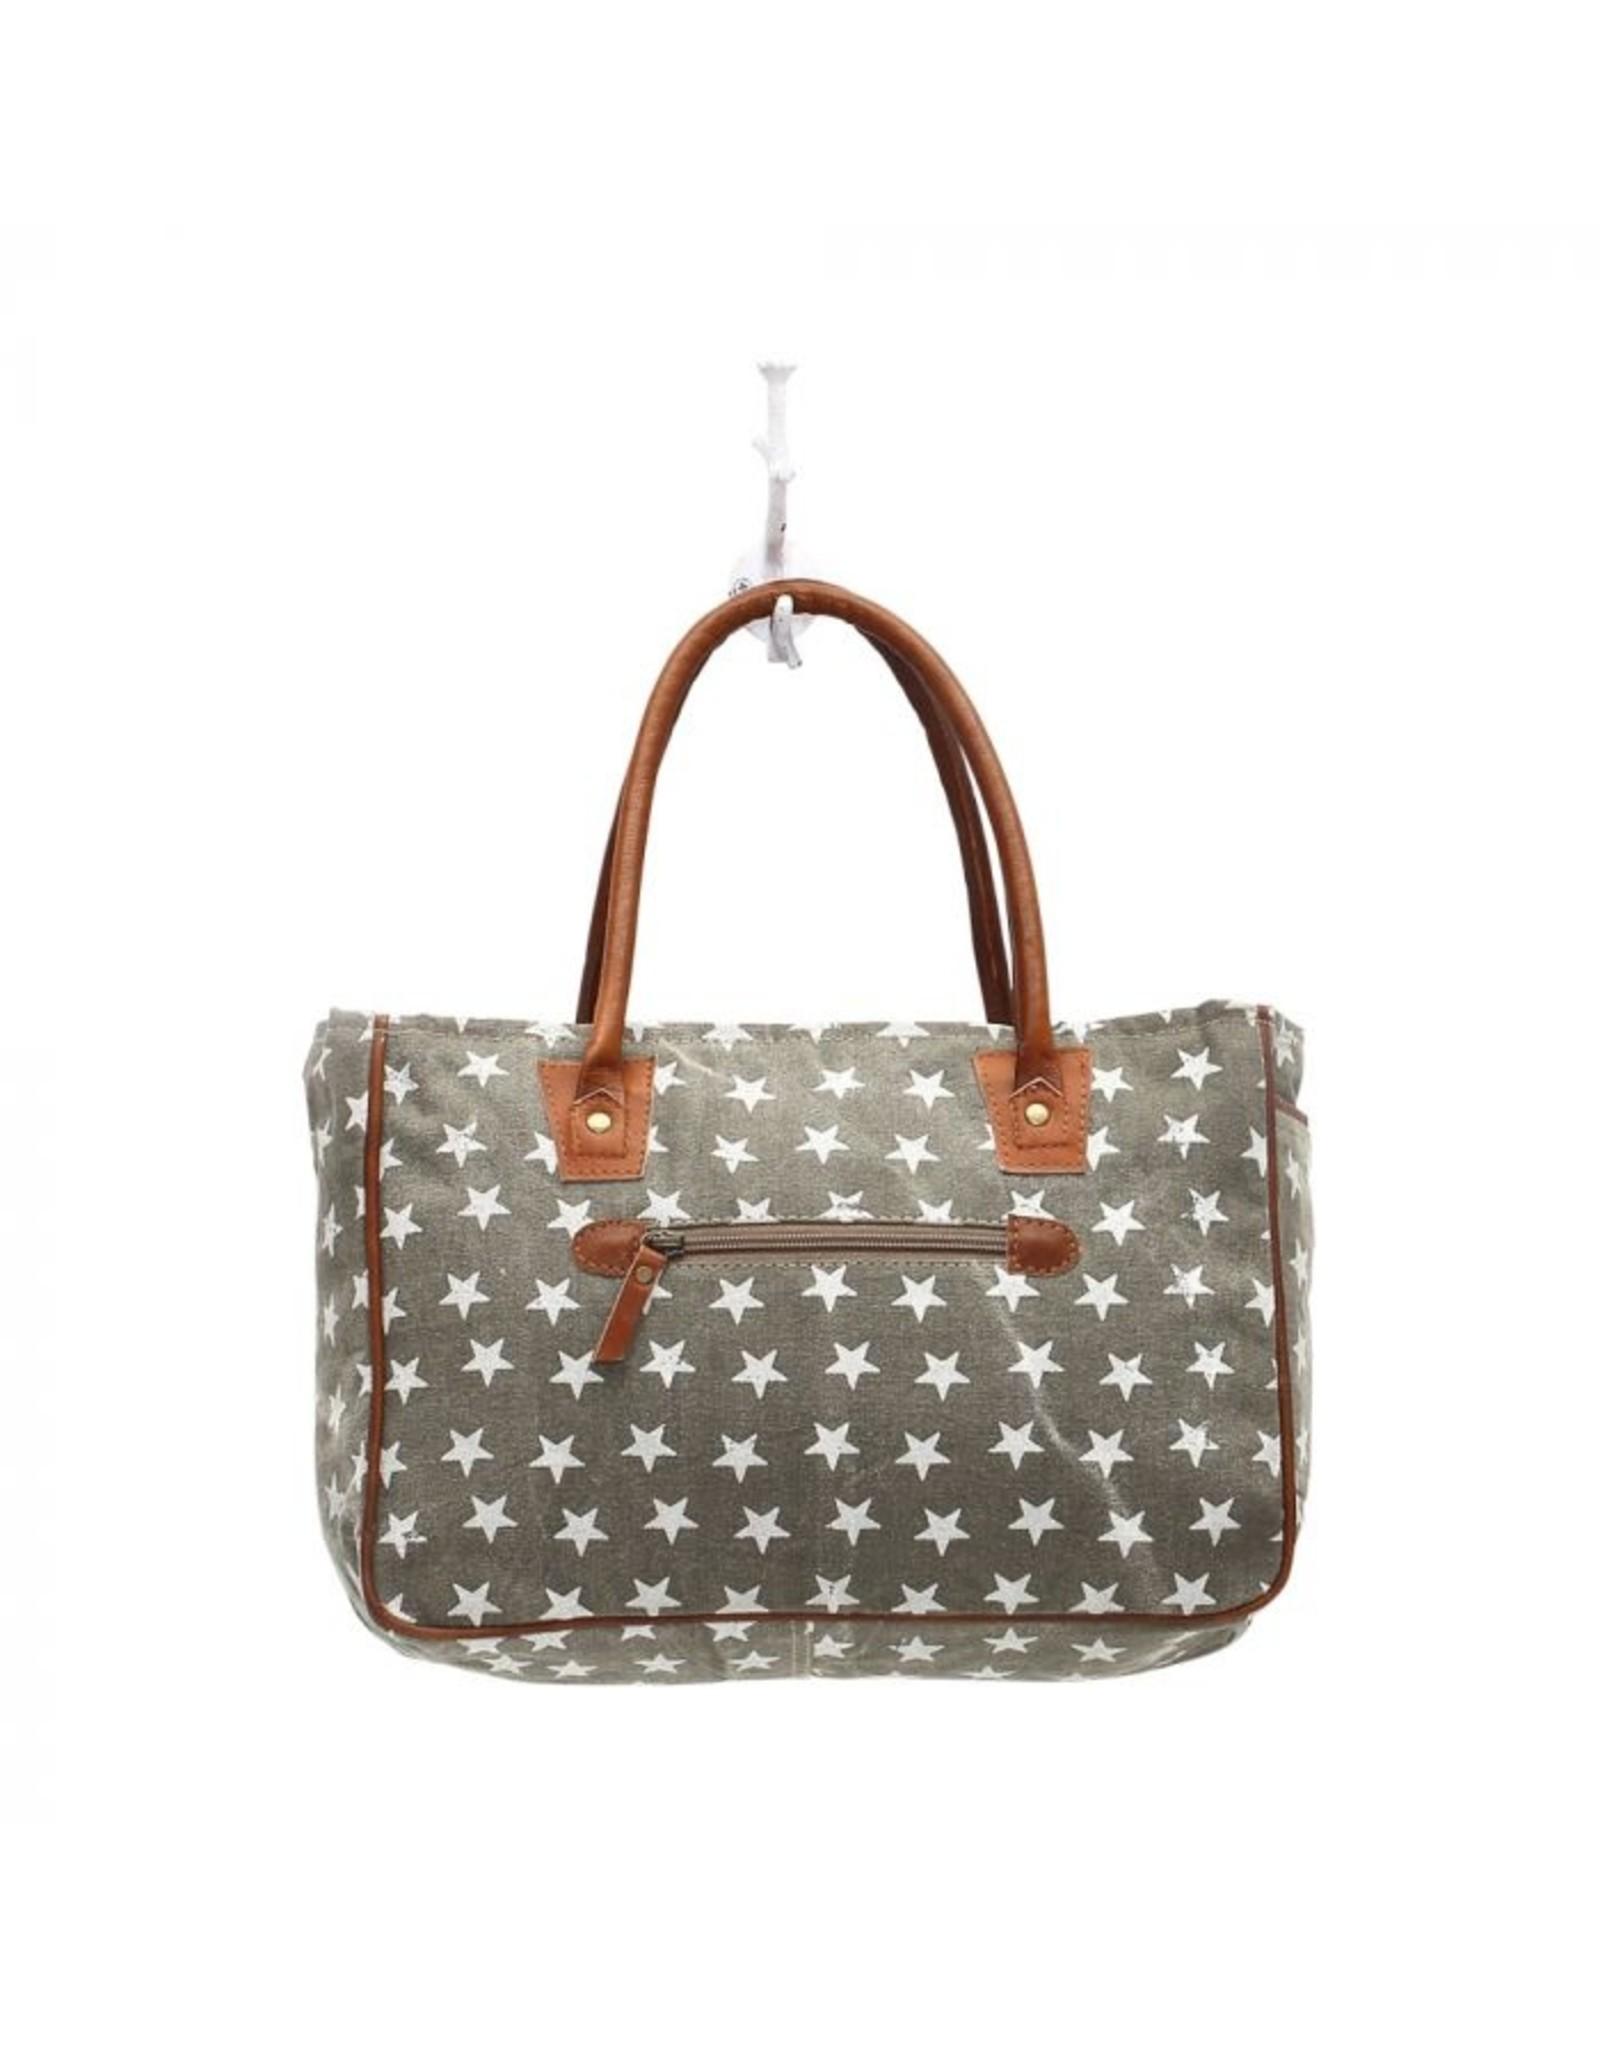 Myra Bag Freedom of Star Small Bag